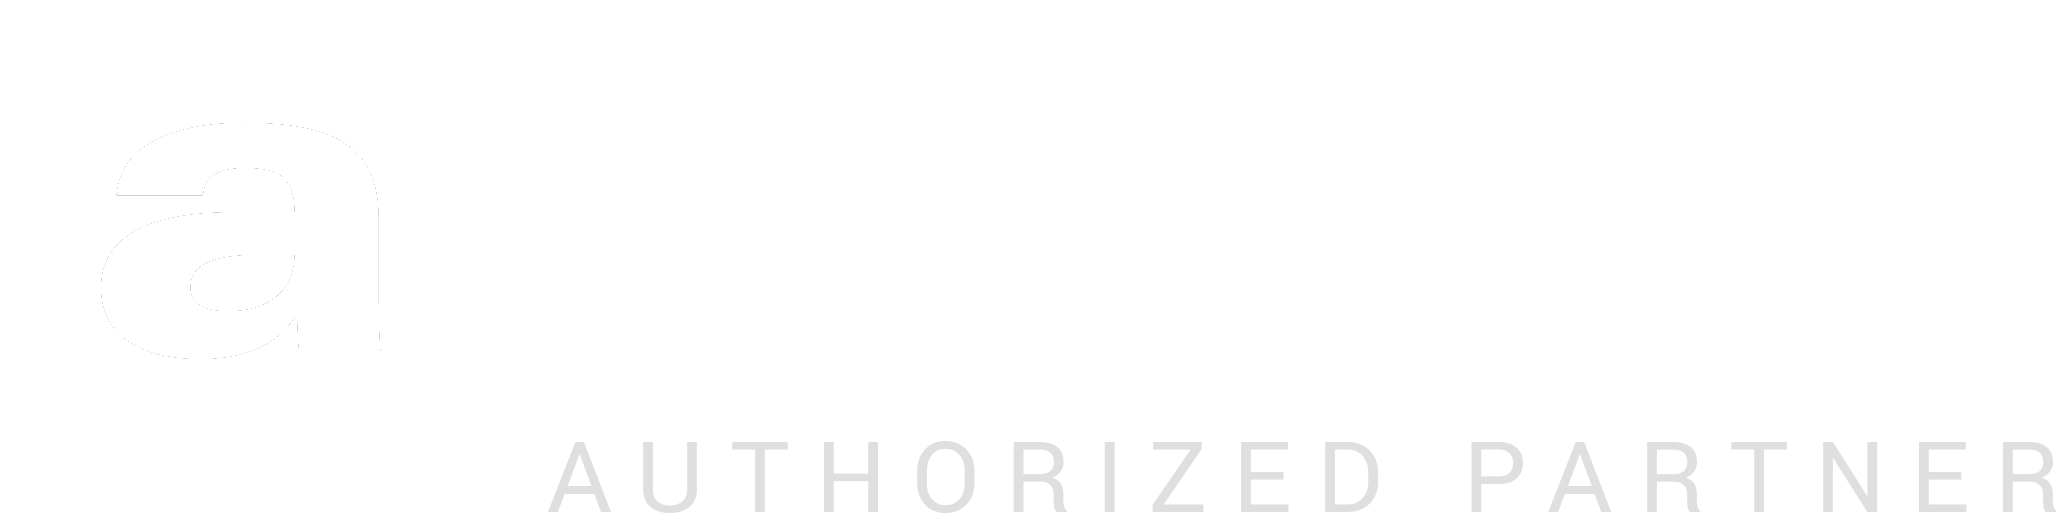 Allworx_Partner_LG_HORZ_white.png